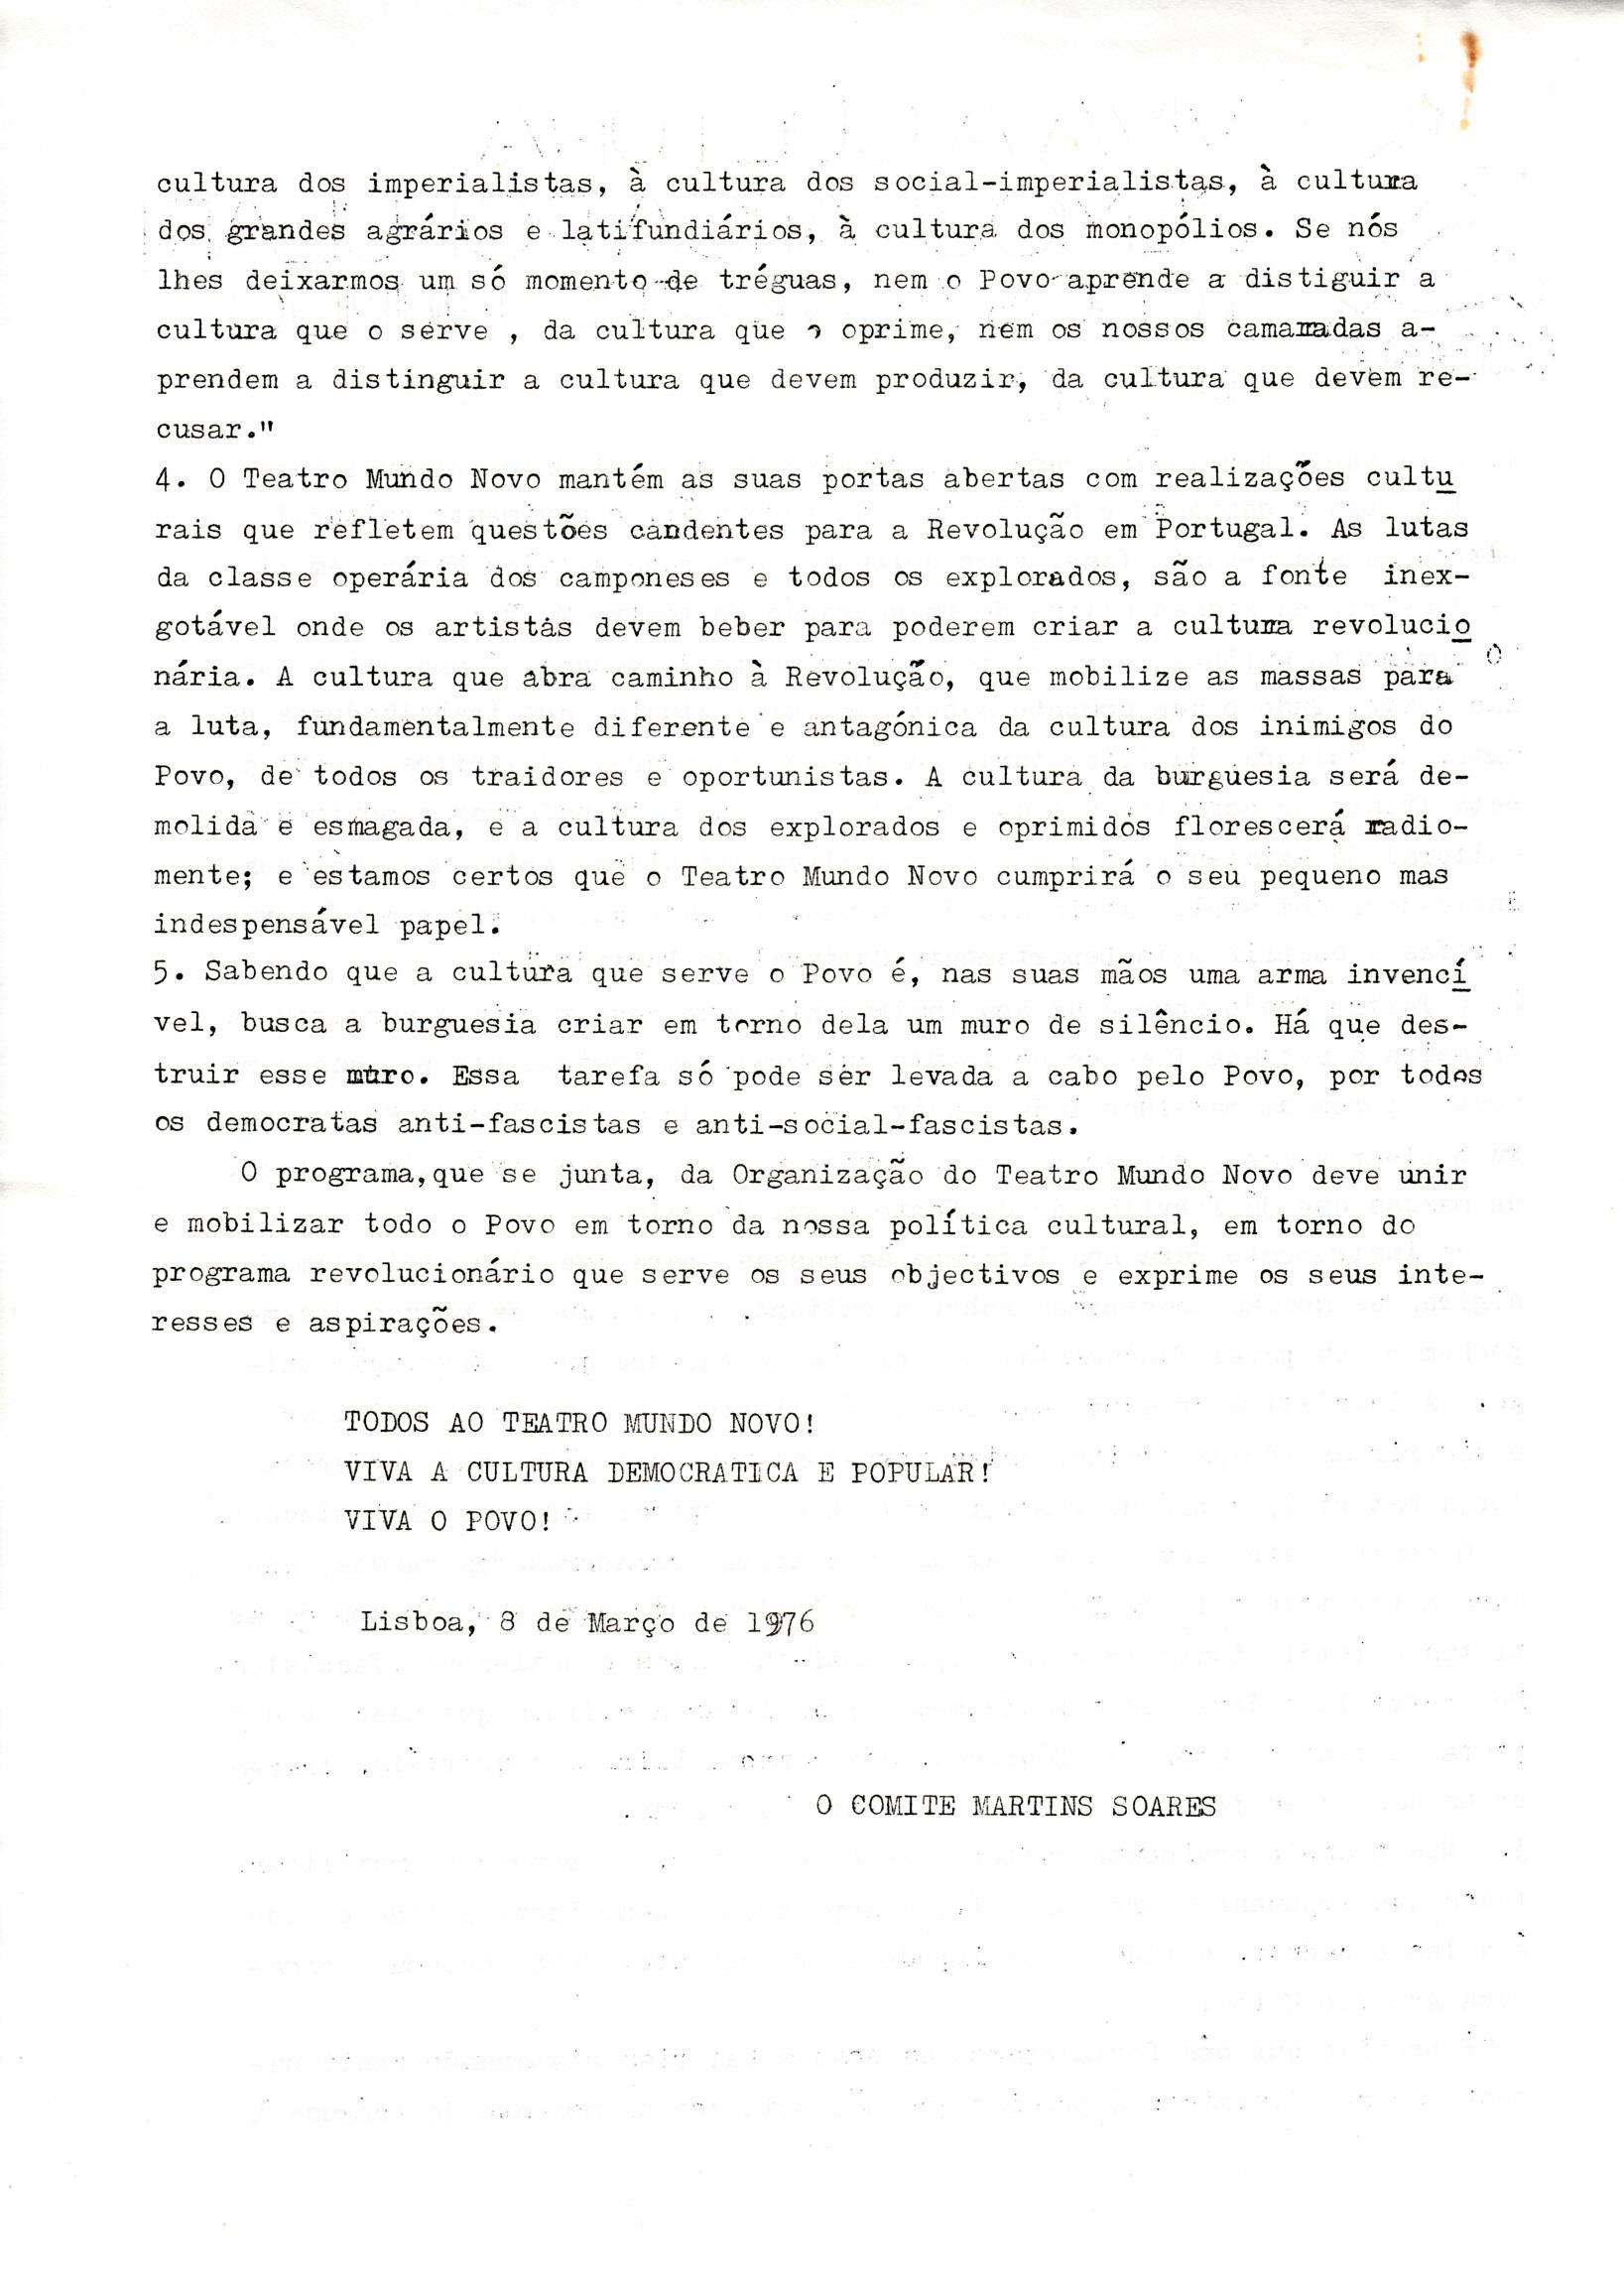 MRPP_1976_03_08_0002